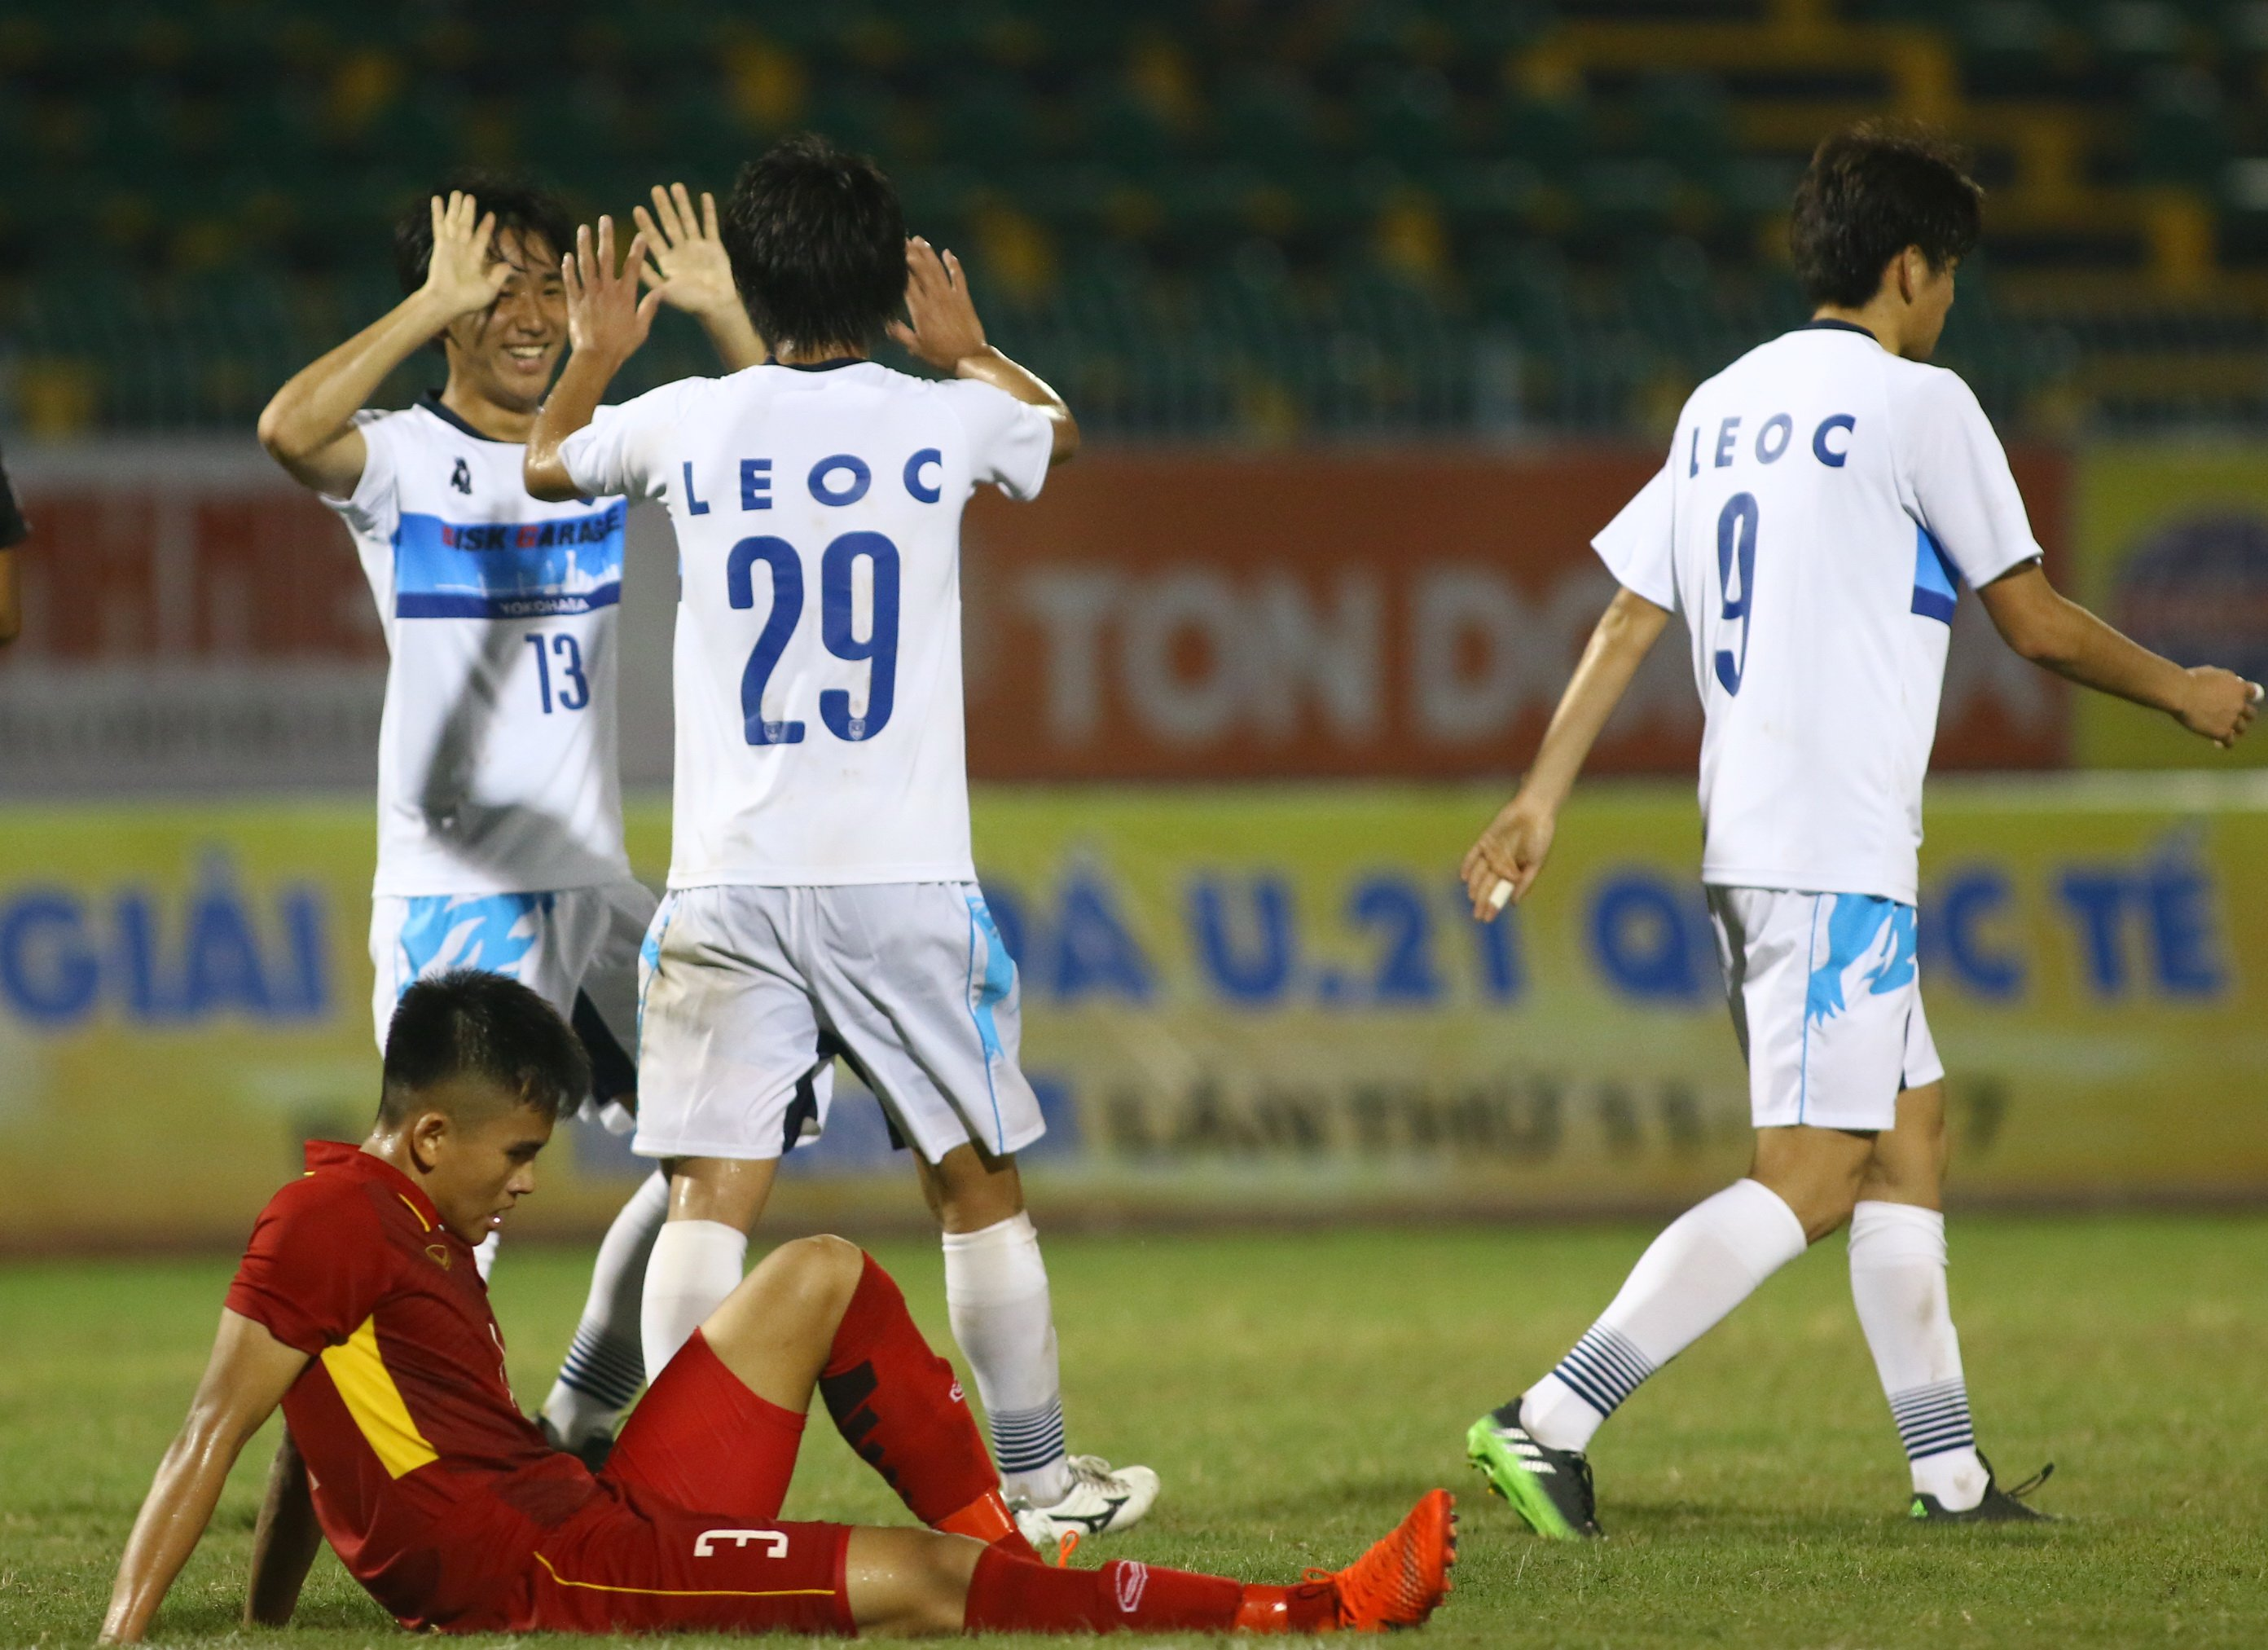 Đẳng cấp chênh lệch, U19 Việt Nam không thể tạo bất ngờ trước ĐKVĐ U21 Yokohama